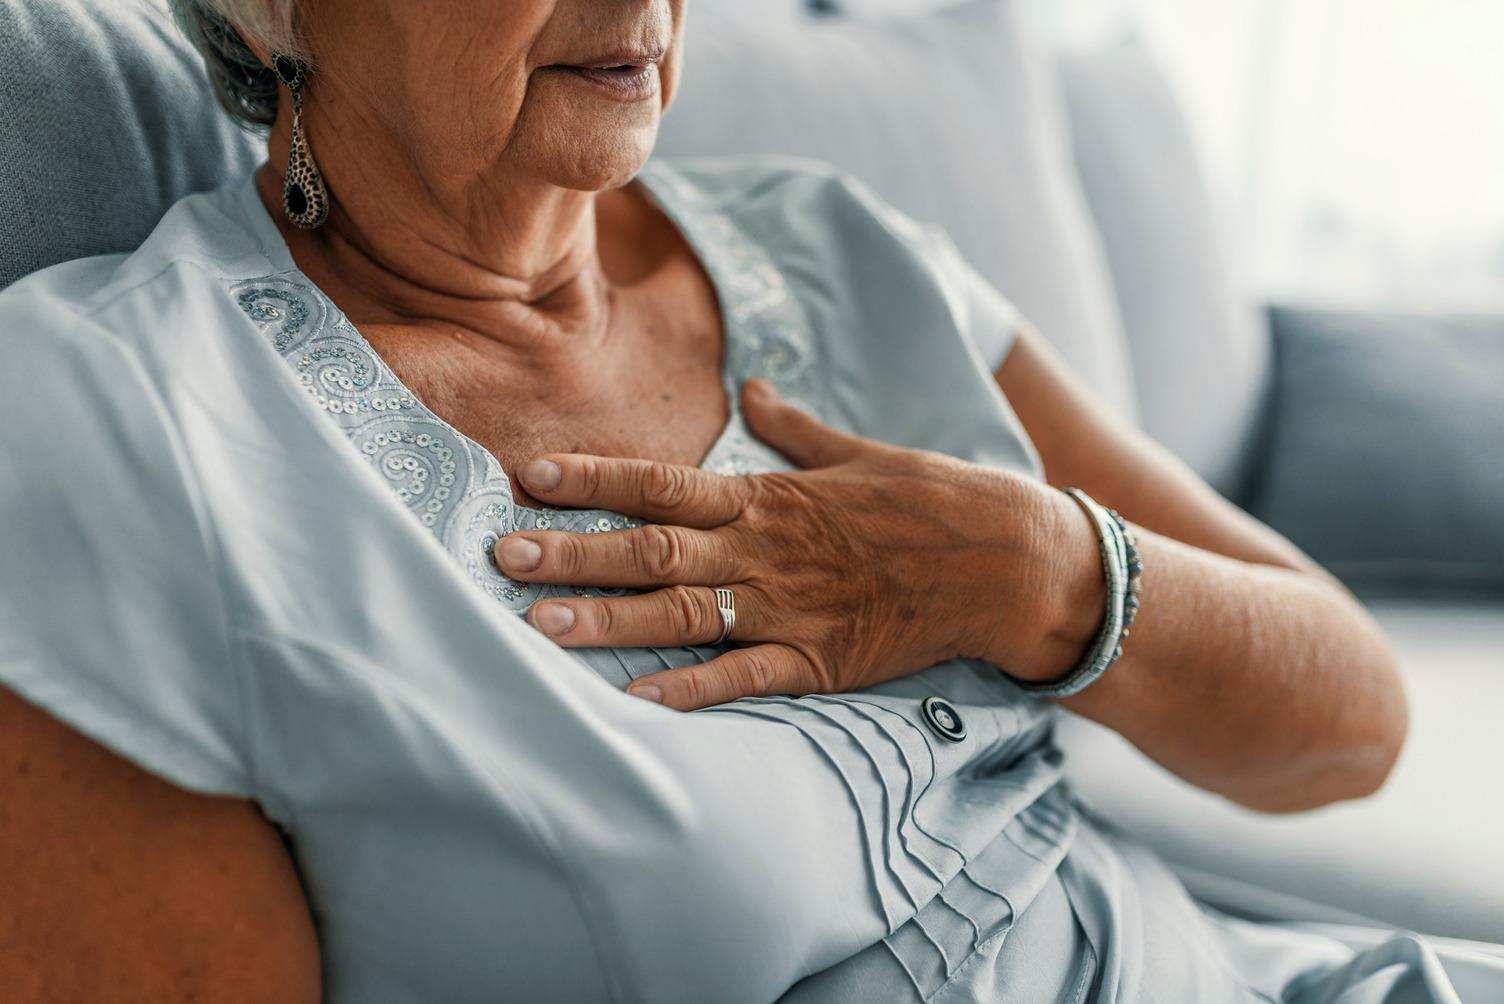 senhora com a mão no peito demonstrando dor